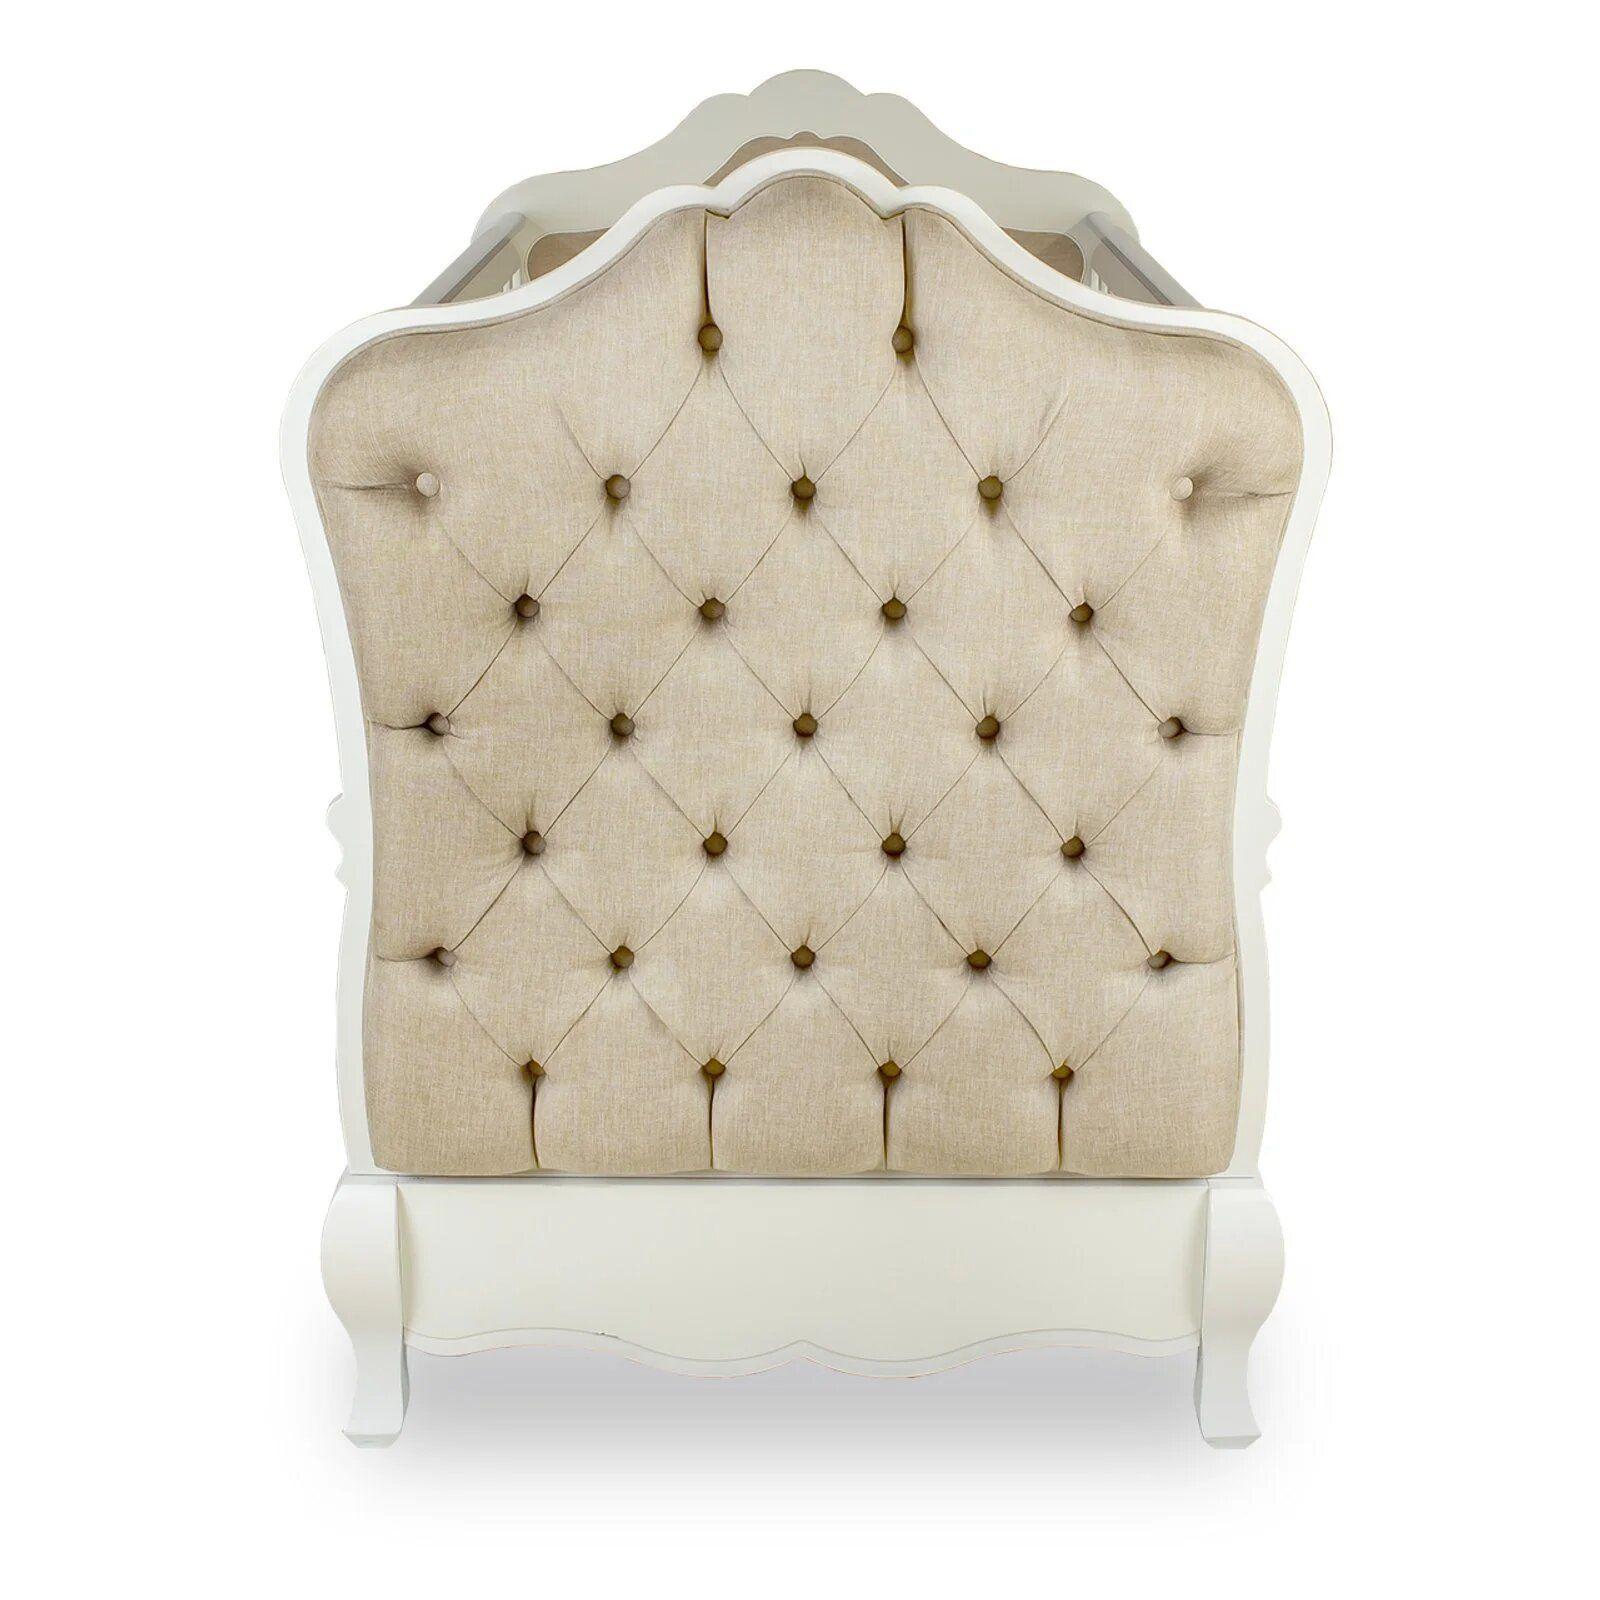 Berço Mini Cama Clássico - coleção Imperial branco